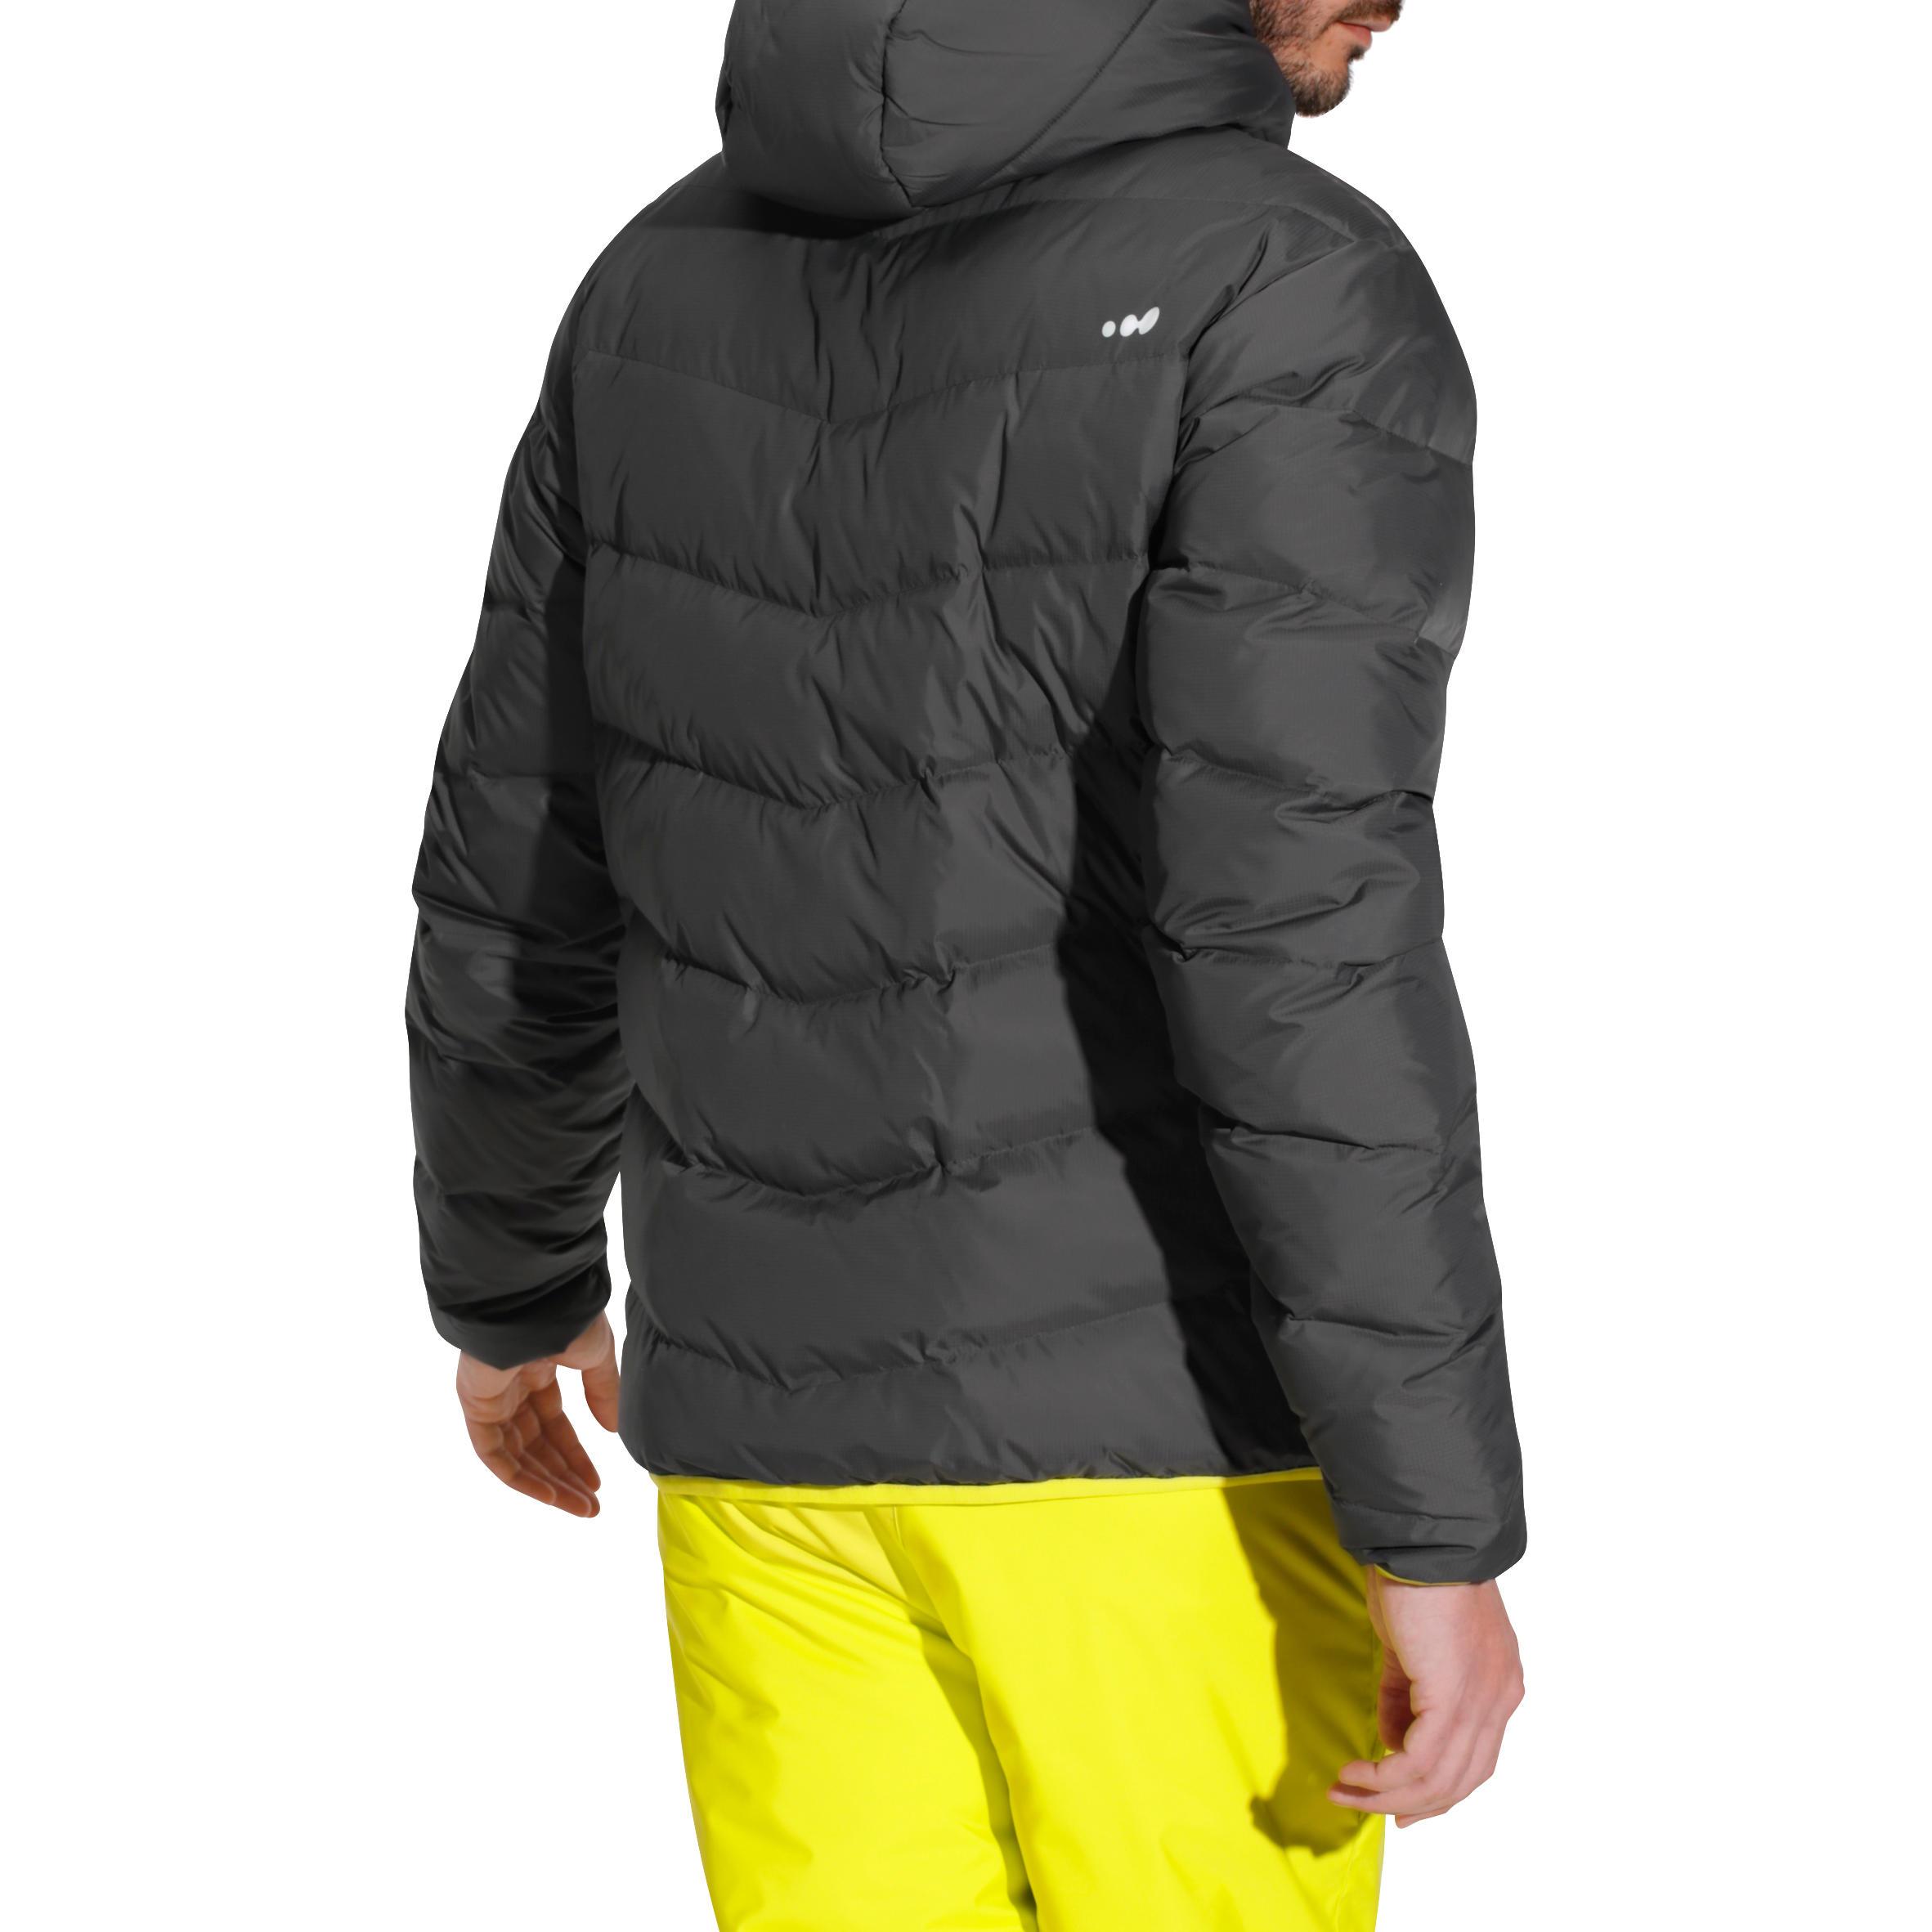 Ski Jkt P De 500 Grise Veste Warm Homme WI9bH2eEDY